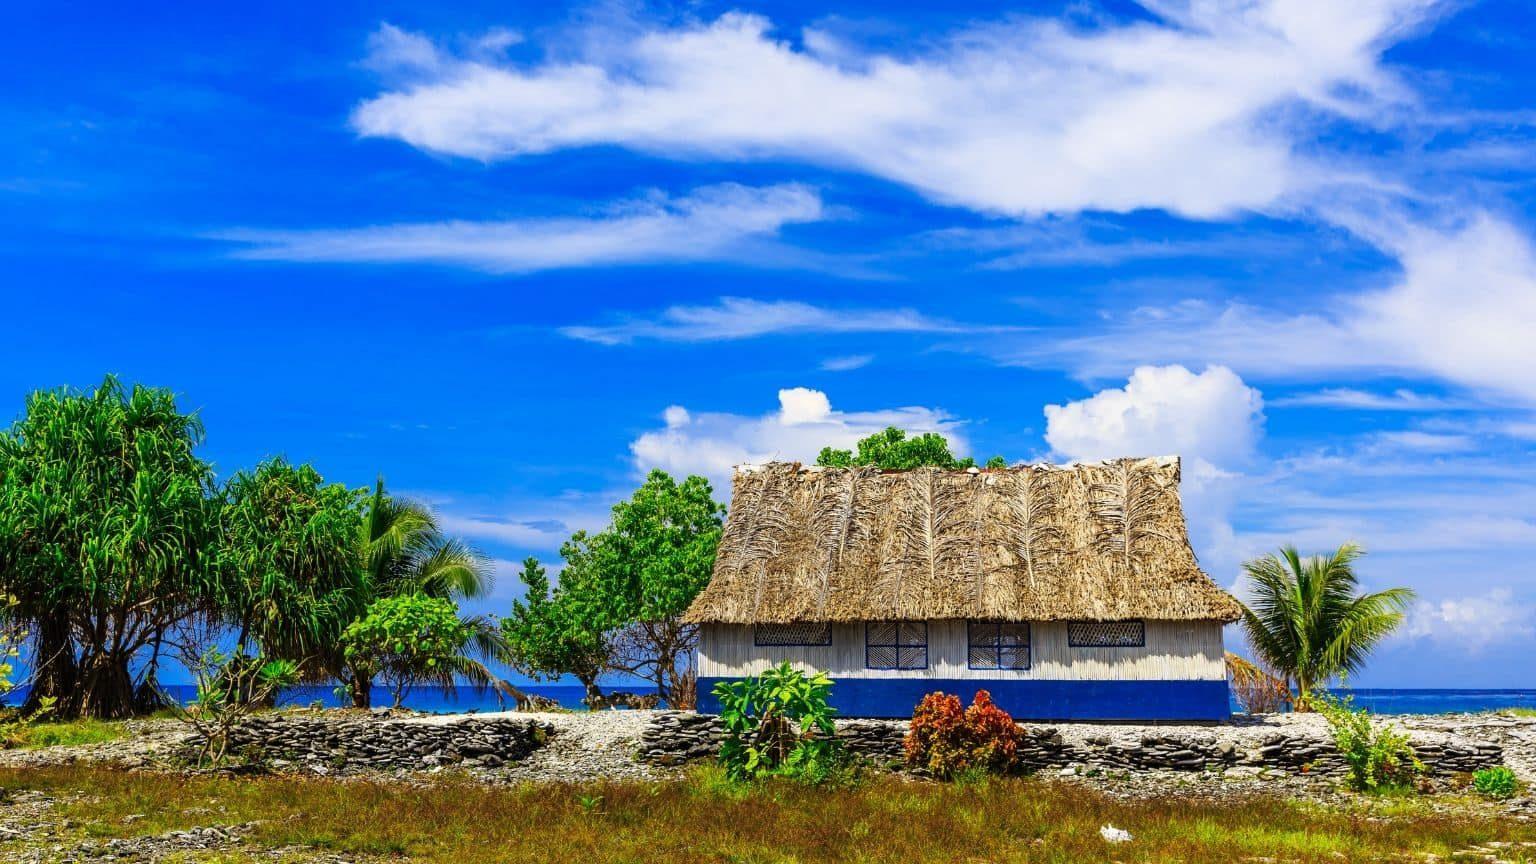 Traditional island house in Kiribati